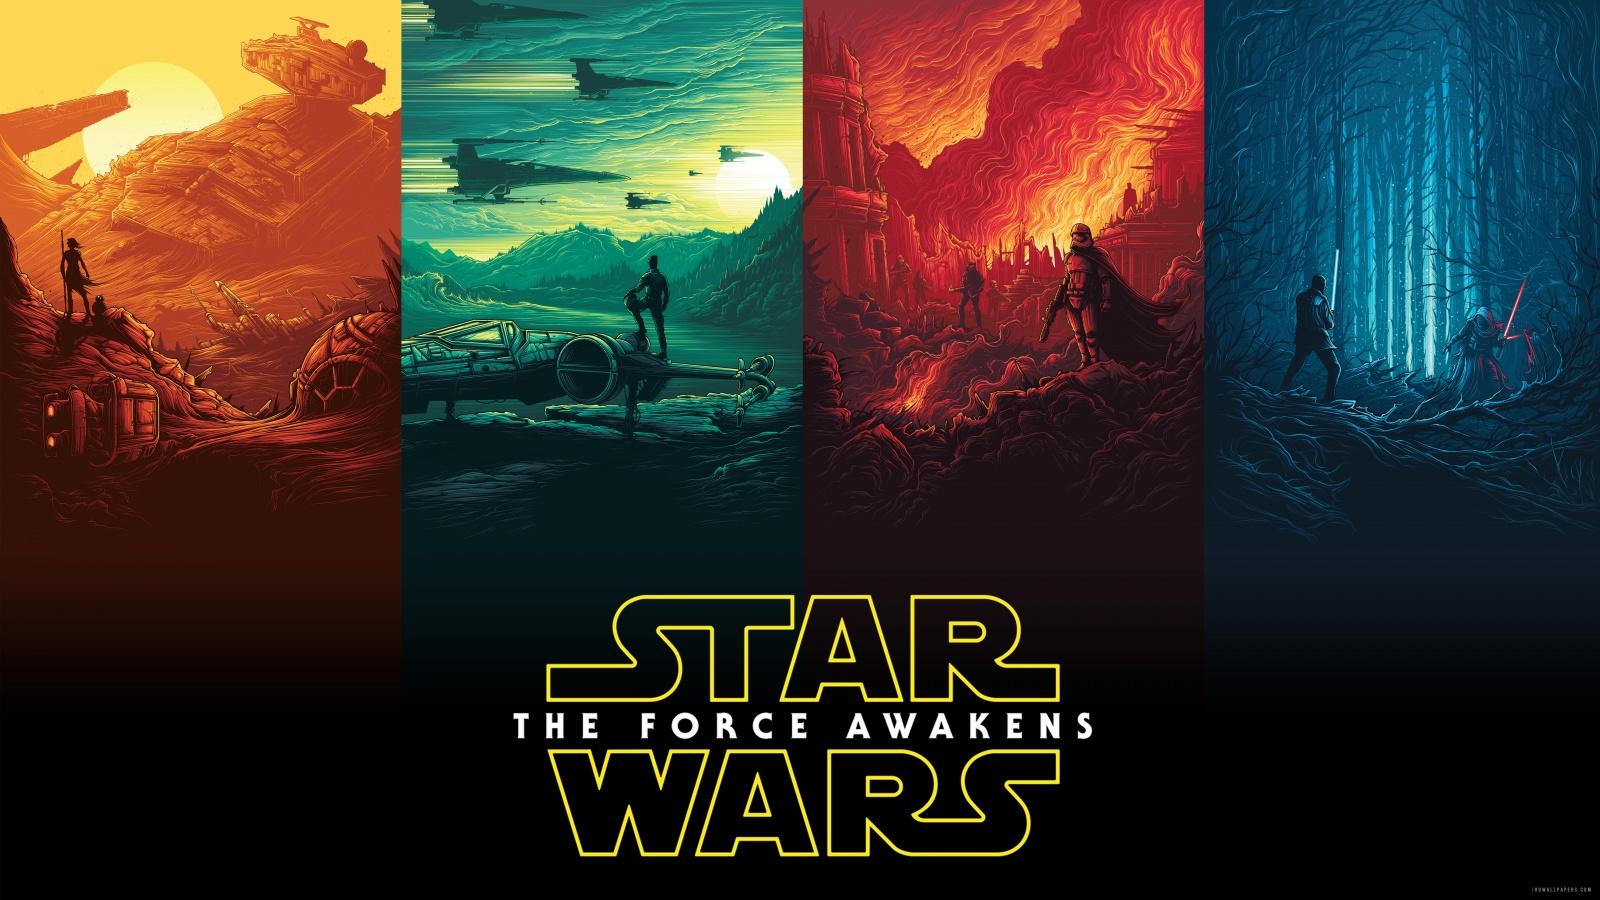 Star Wars Rey Finn Kylo Ren Han Solo Luke Skywalker HD Wallpaper   iHD 1600x900